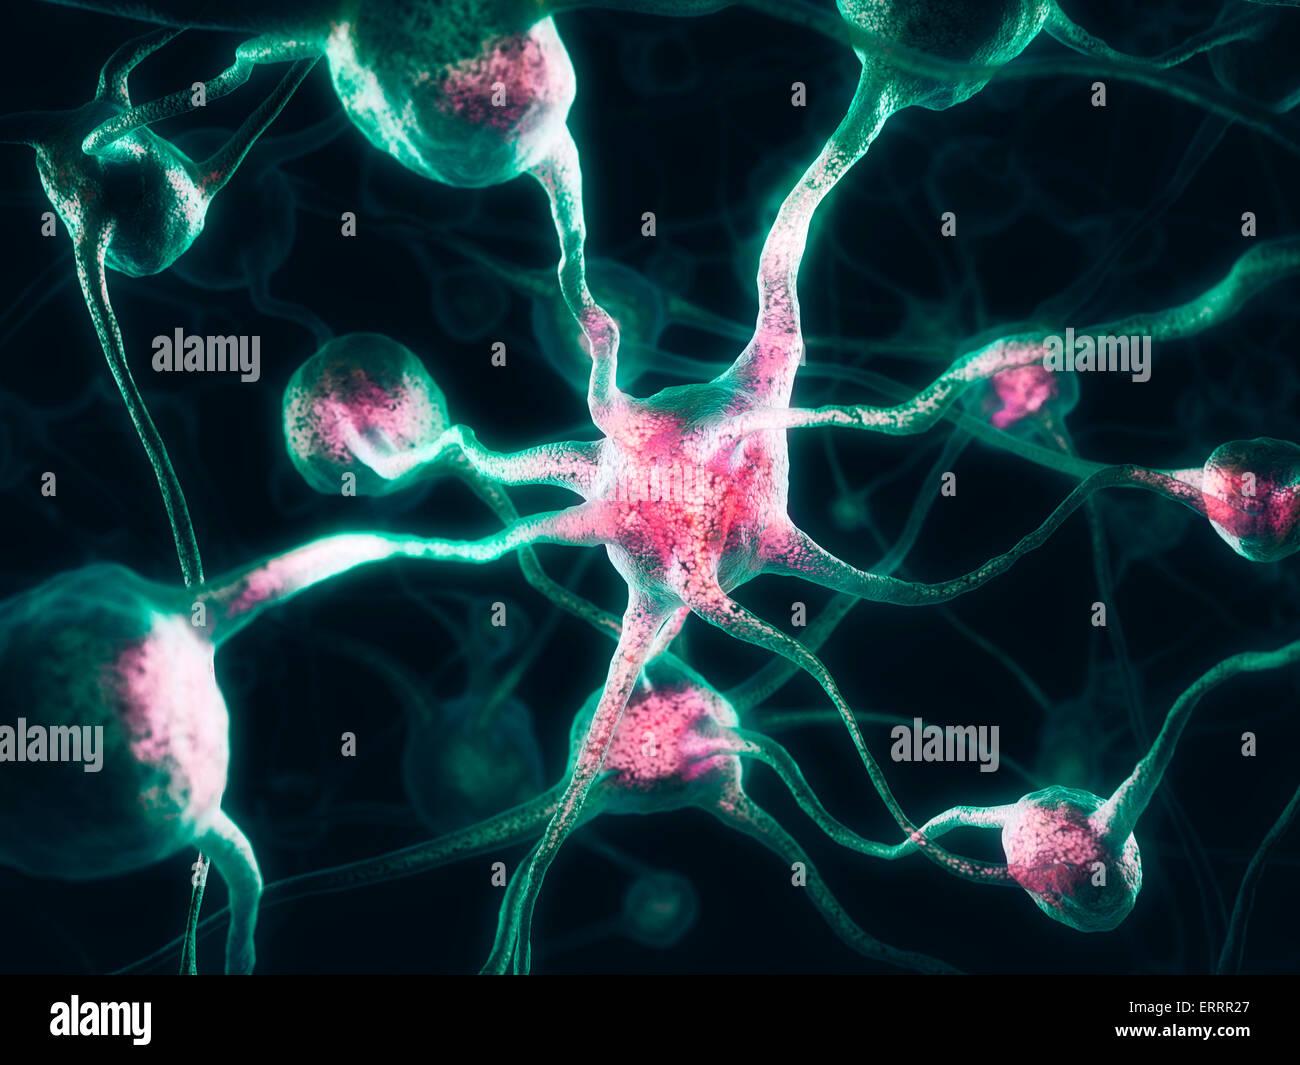 Las neuronas, el sistema nervioso, las células cerebrales ilustración 3D Imagen De Stock